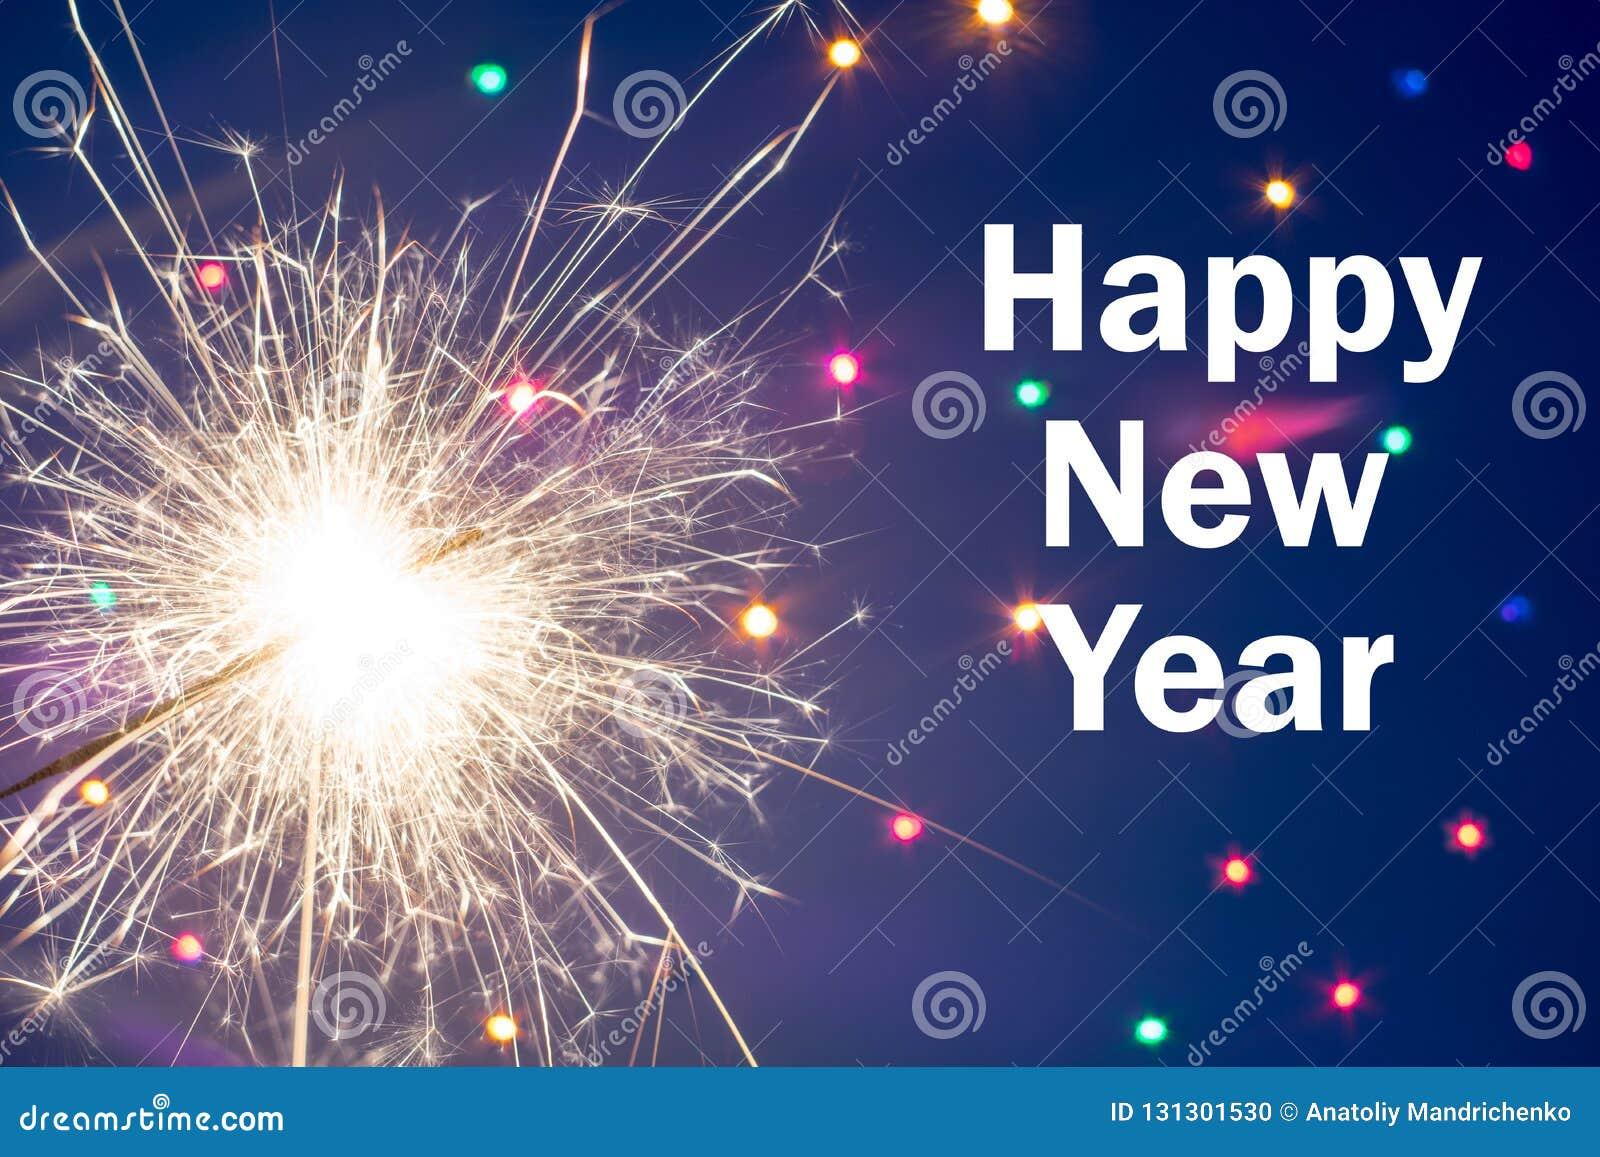 κάρτα που χαιρετά το νέο έτος